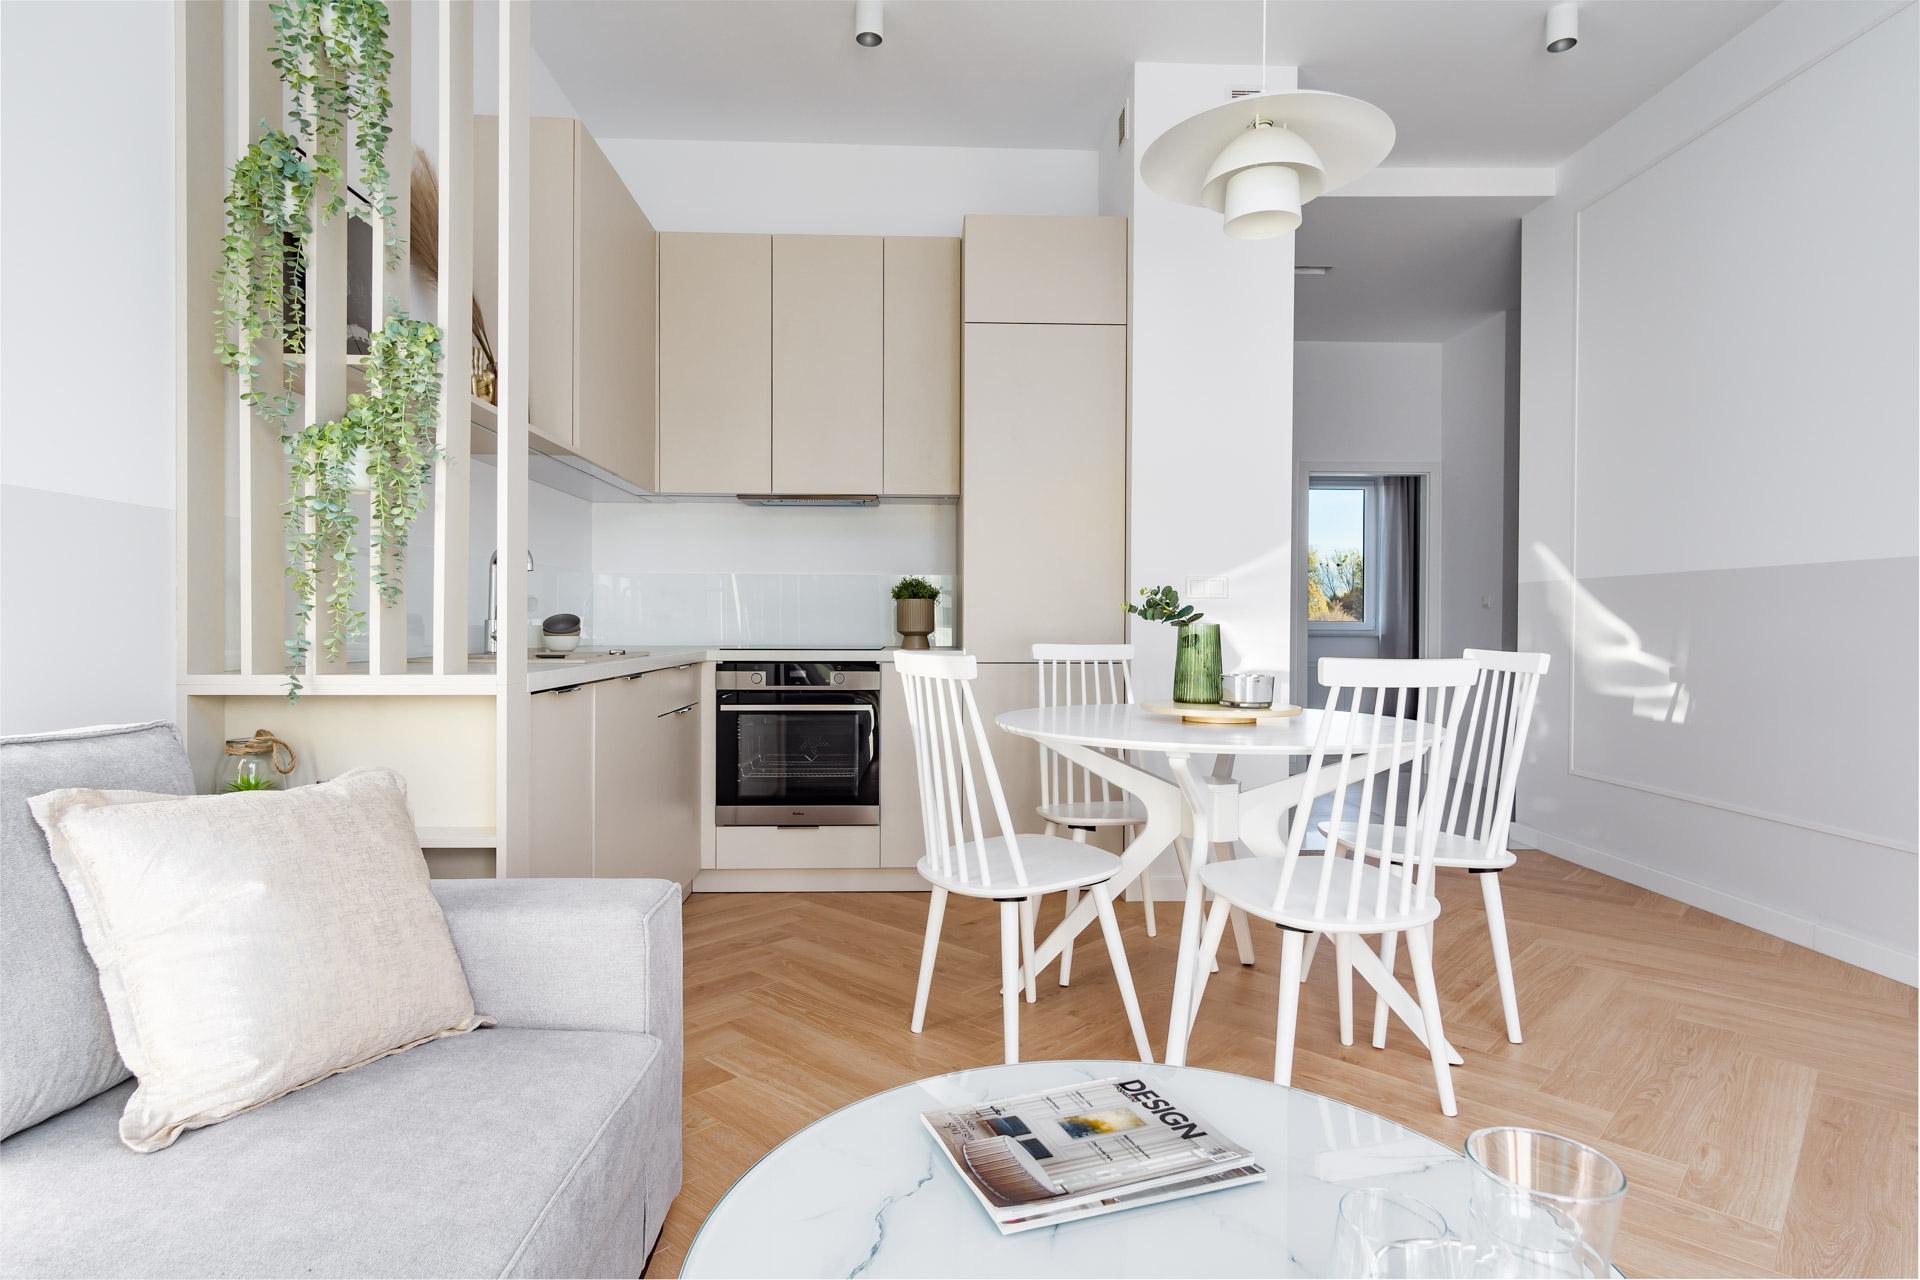 Nowoczesne klasyczne mieszkanie projekt wnętrz